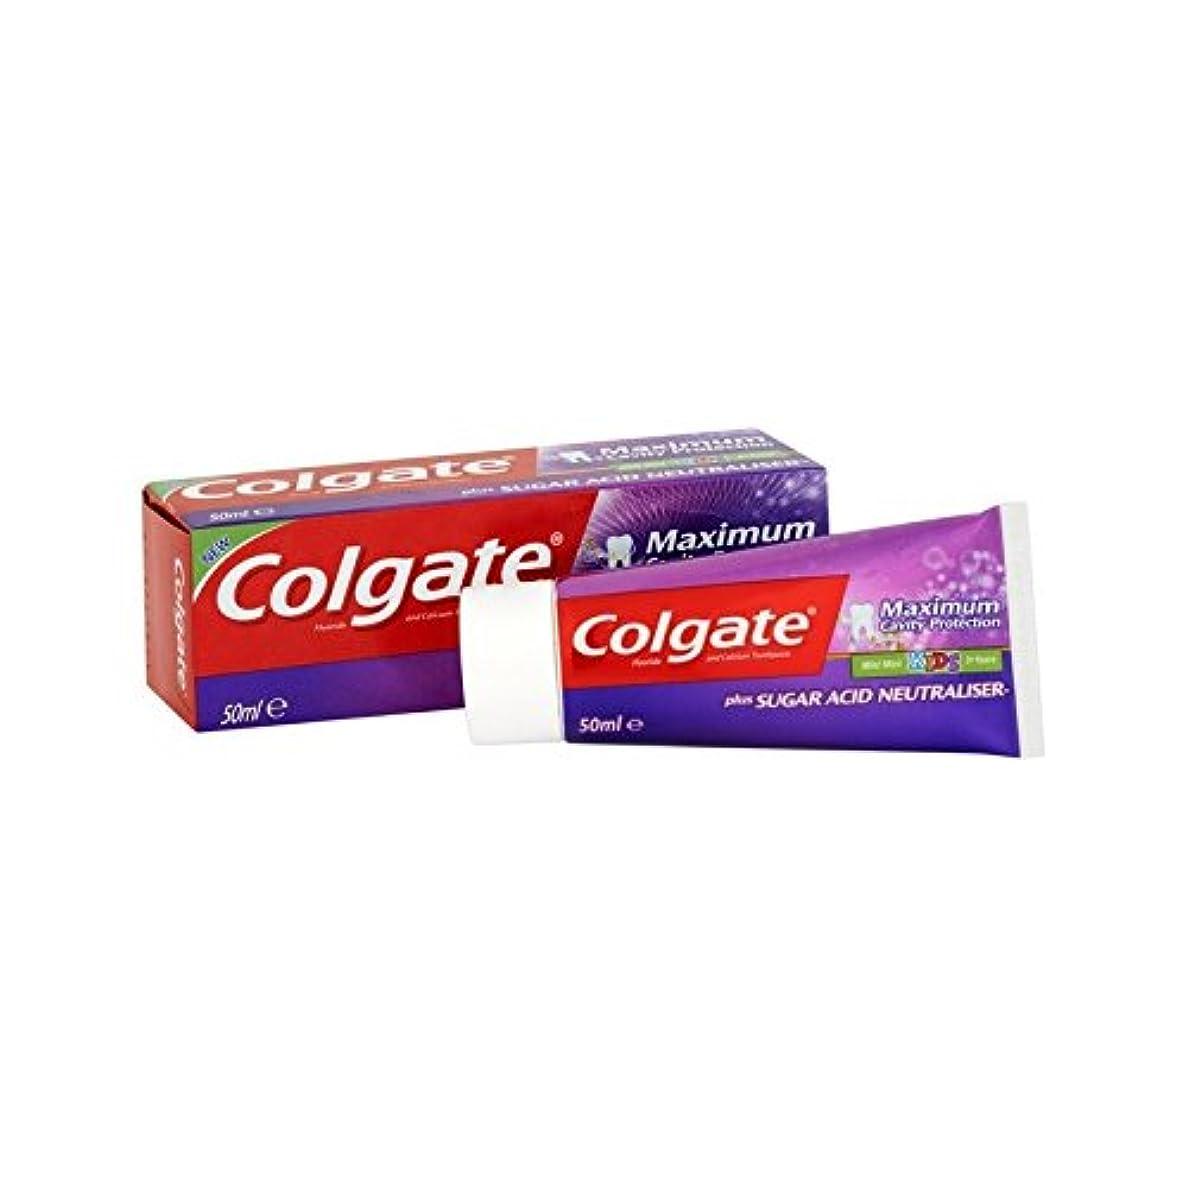 シガレット急ぐ偏見最大空洞の子供の50ミリリットルを保護 (Colgate) (x 6) - Colgate Maximum Cavity Protect Kids 50ml (Pack of 6) [並行輸入品]